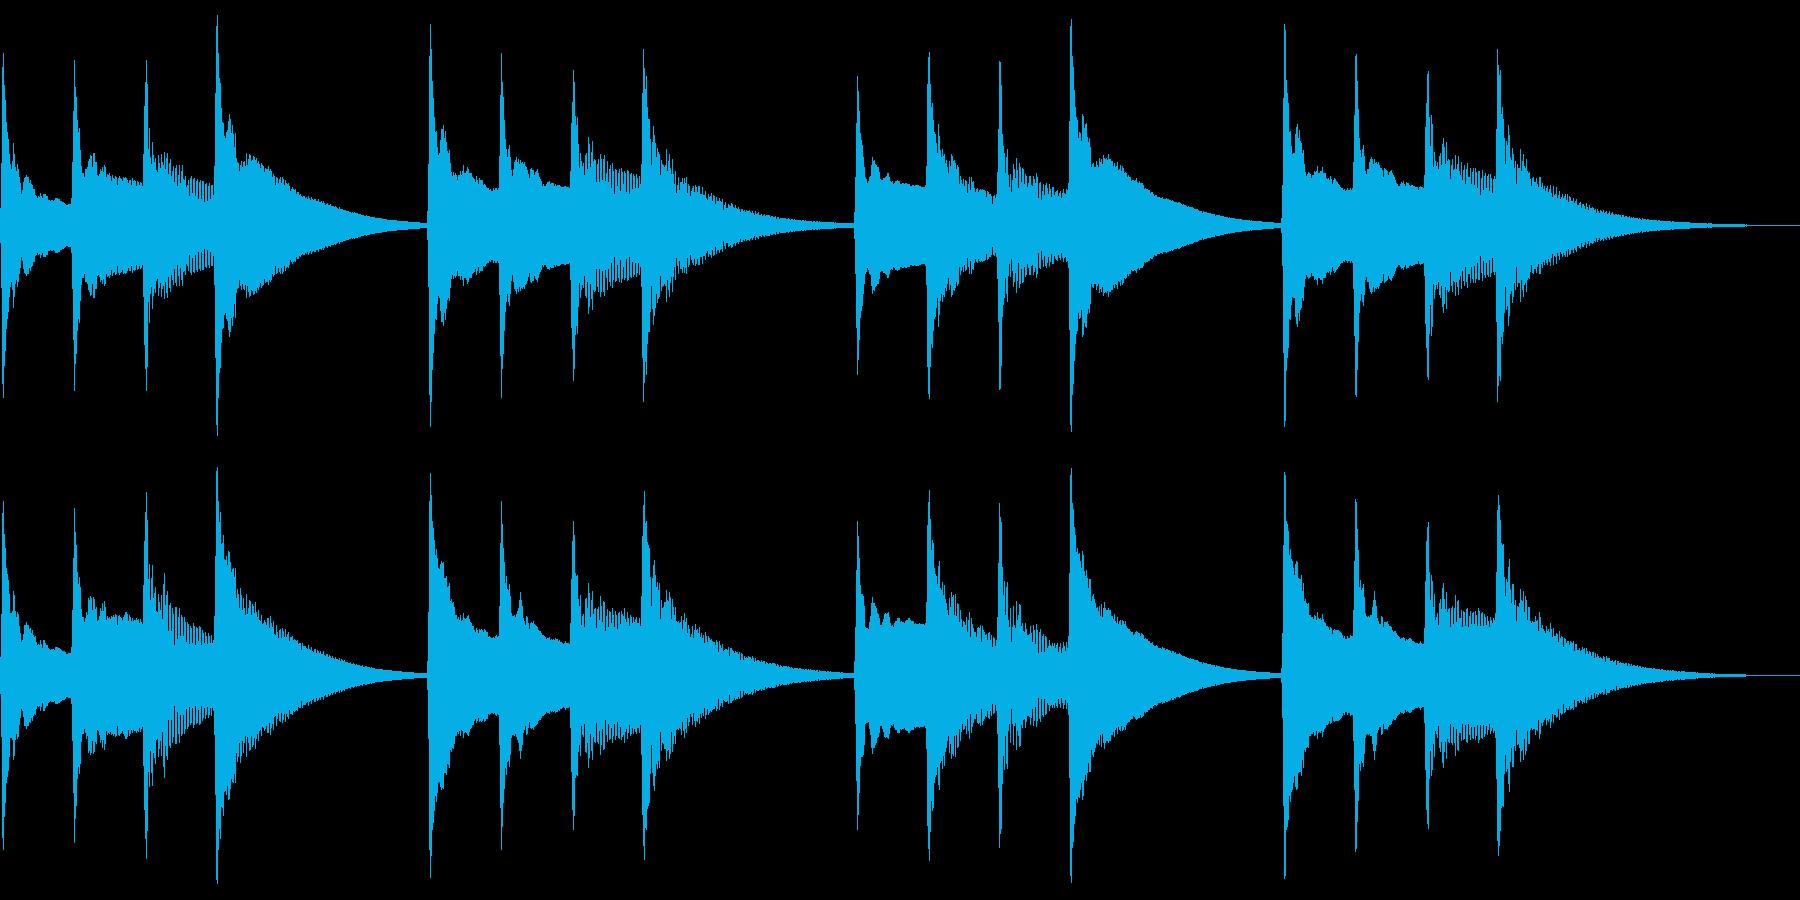 キンコンカンコン。学校チャイム(低)の再生済みの波形